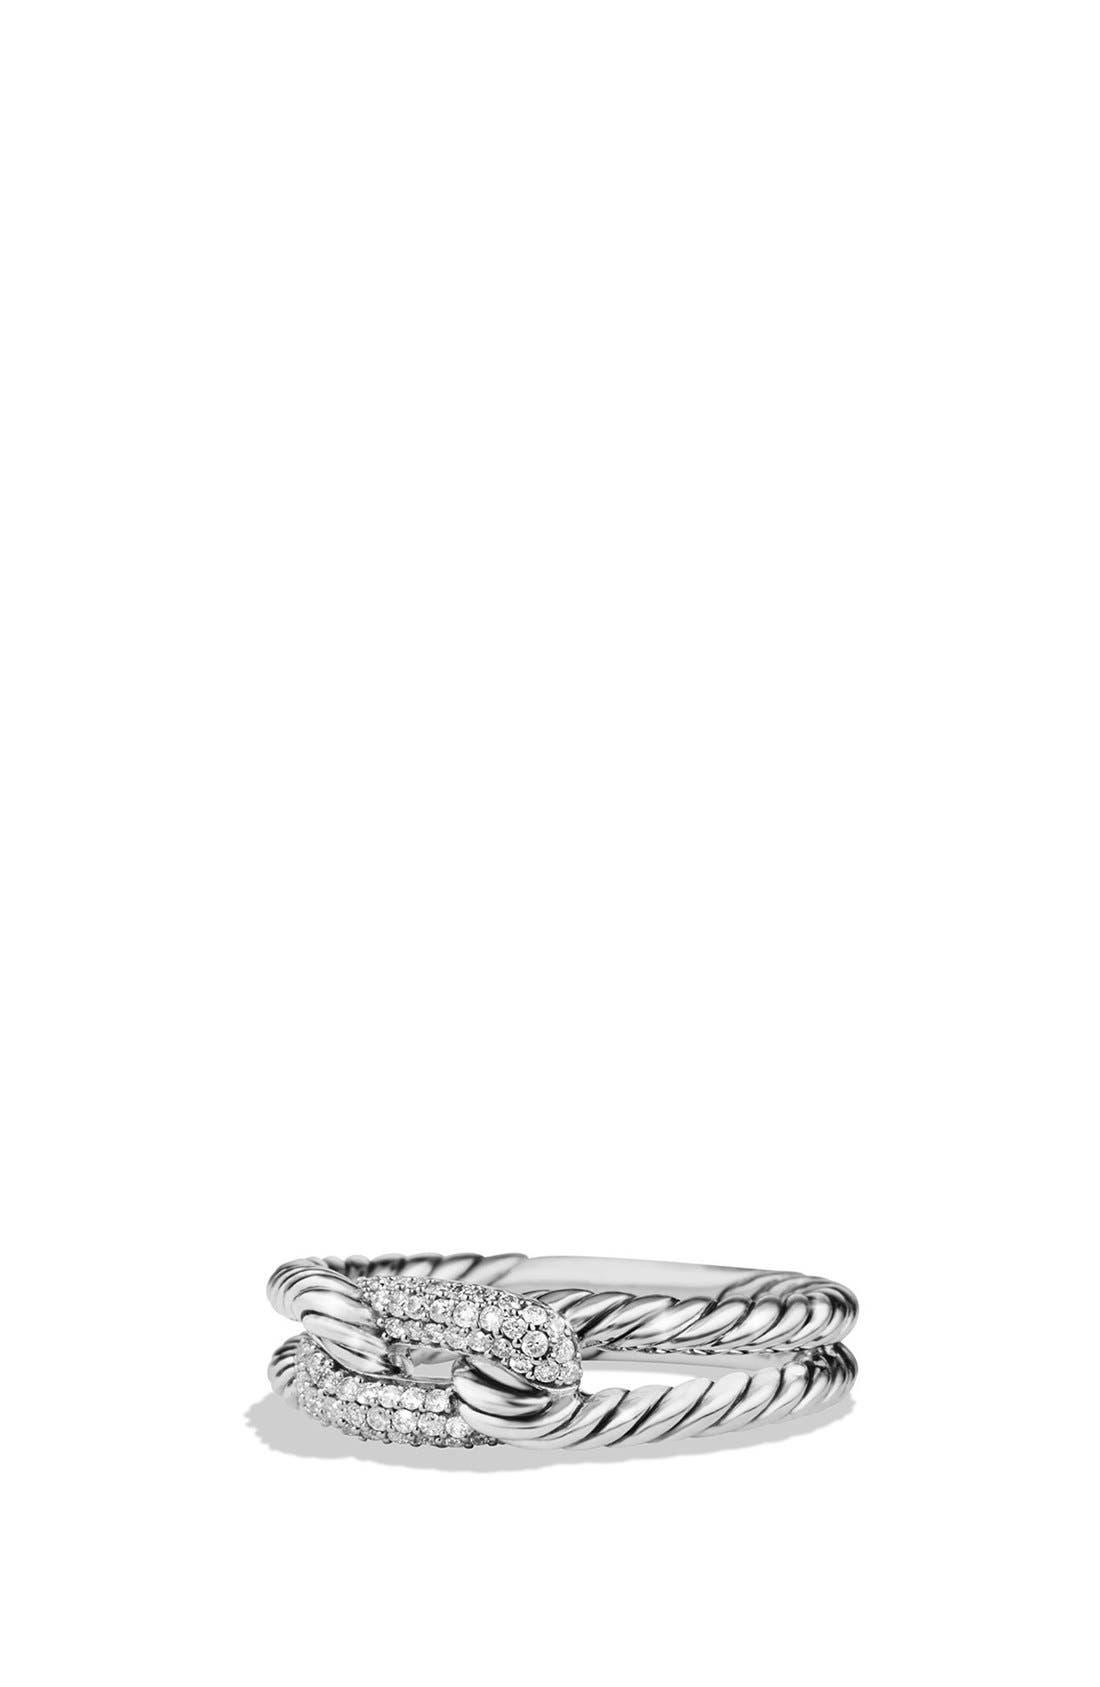 DAVID YURMAN Petite Pavé Loop Ring with Black Diamonds